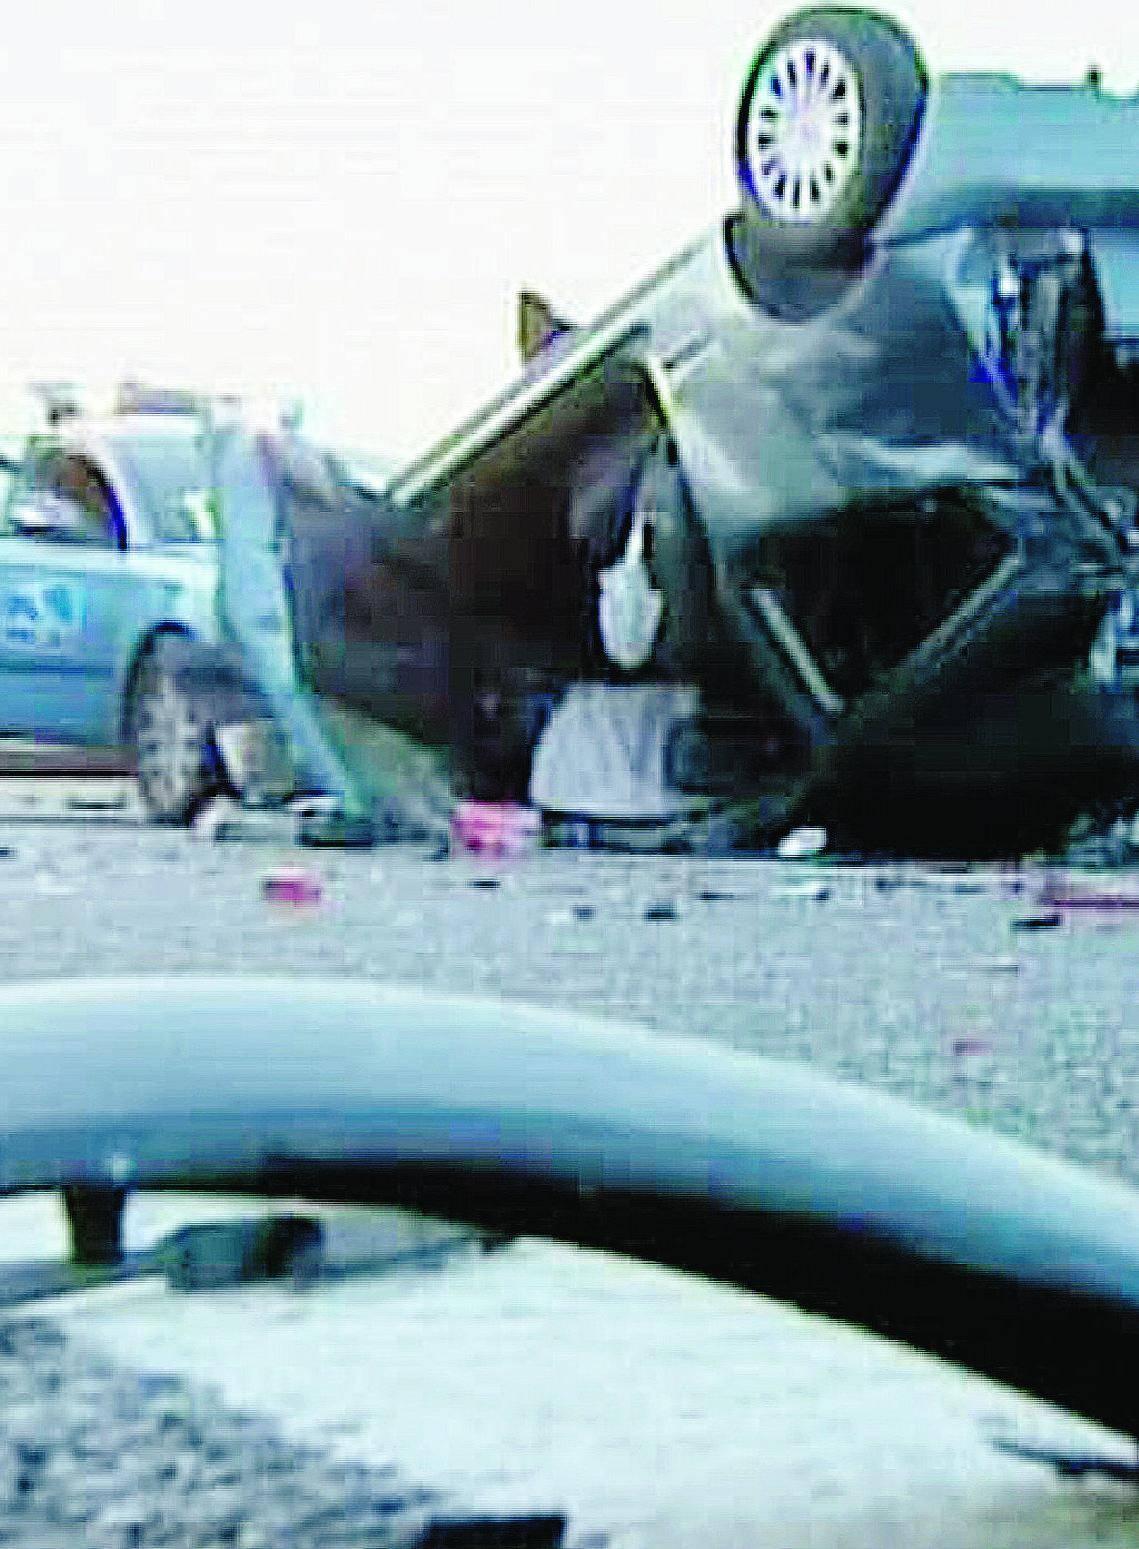 Schianto alla barriera dell'Autolaghi: un morto e undici feriti